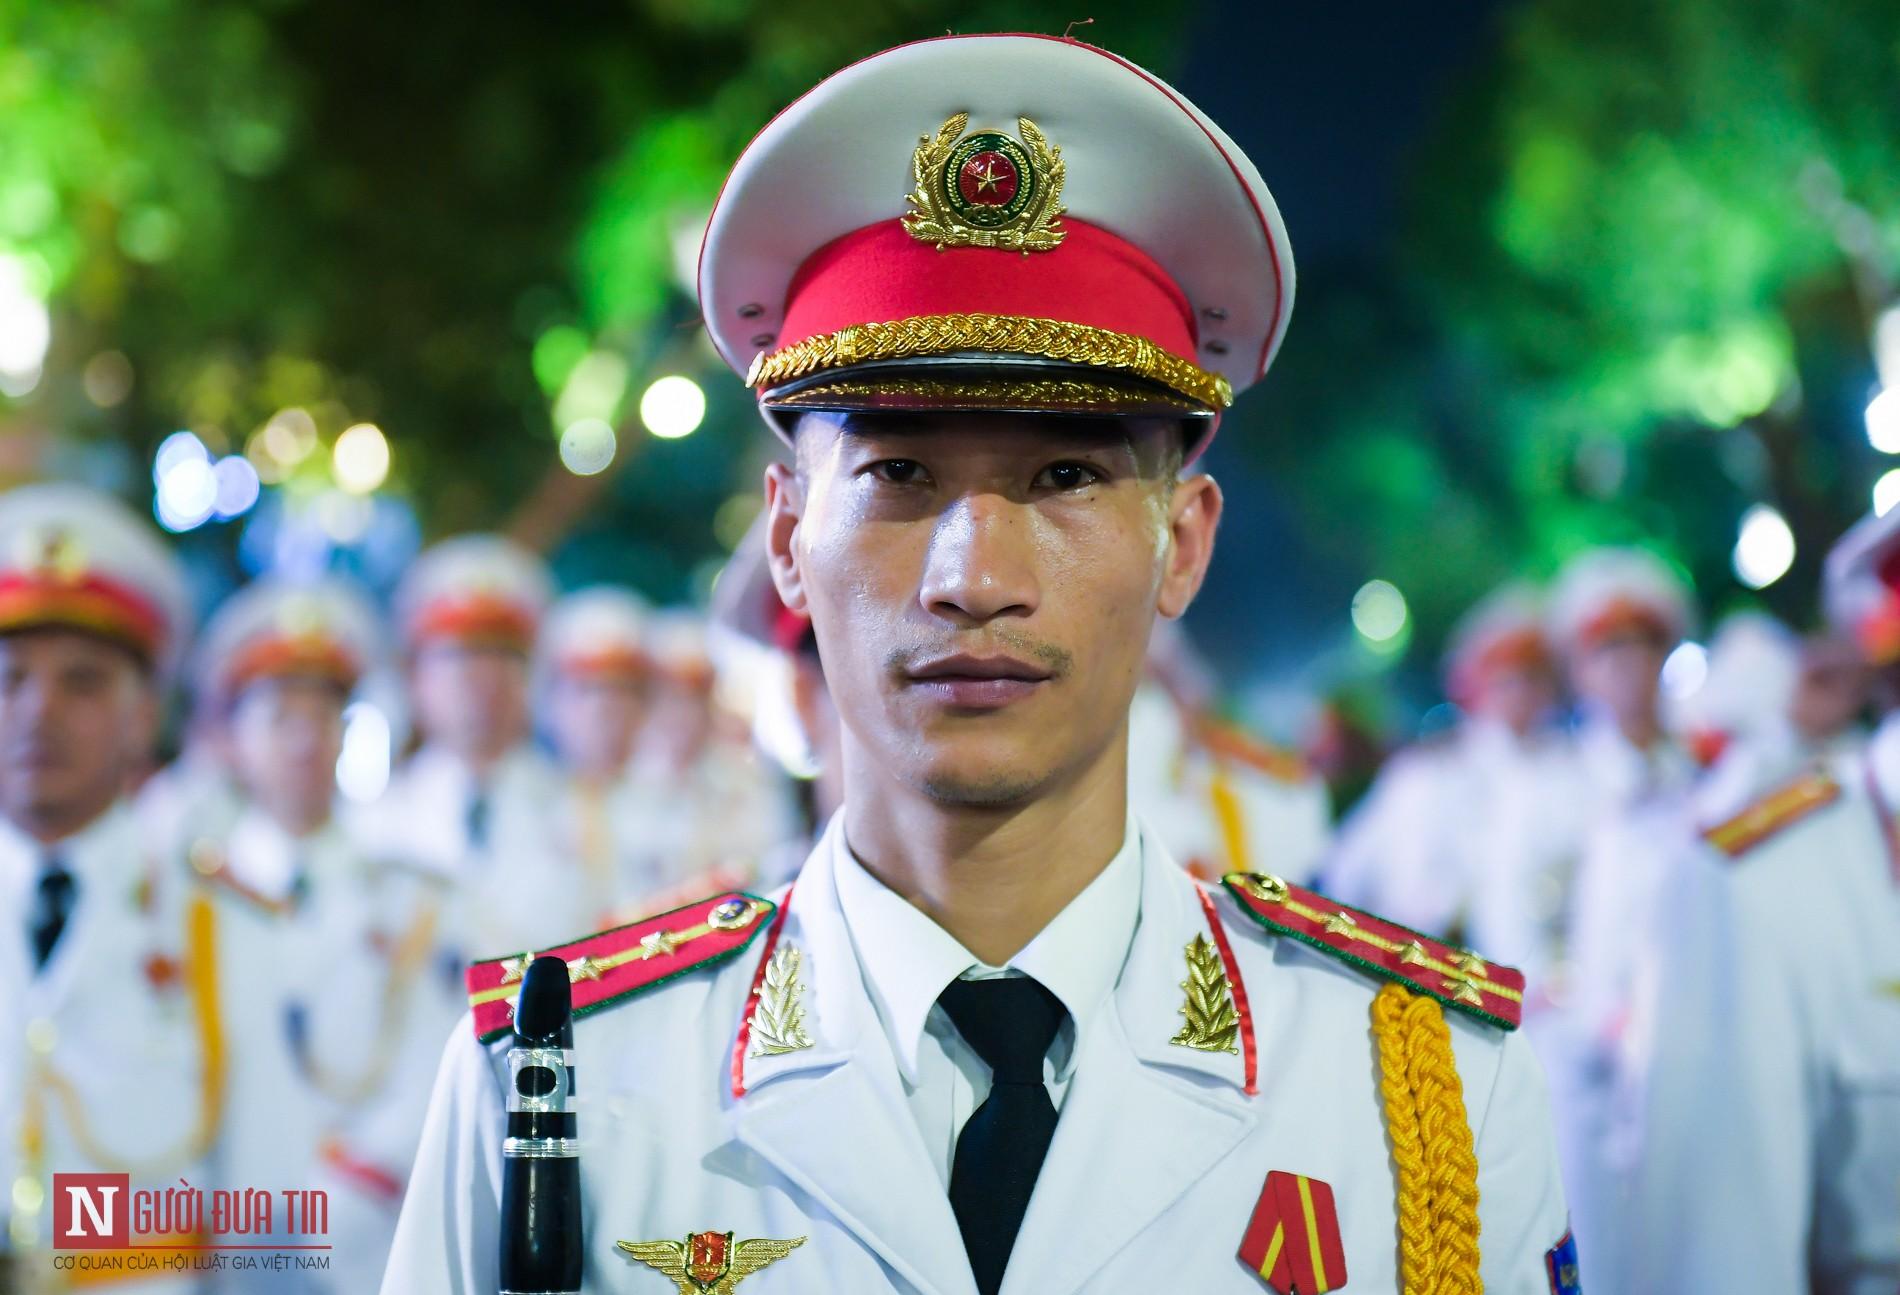 Đoàn nghi lễ Công an Nhân dân lần đầu tiên diểu diễn tại phố đi bộ hồ Hoàn Kiếm 2